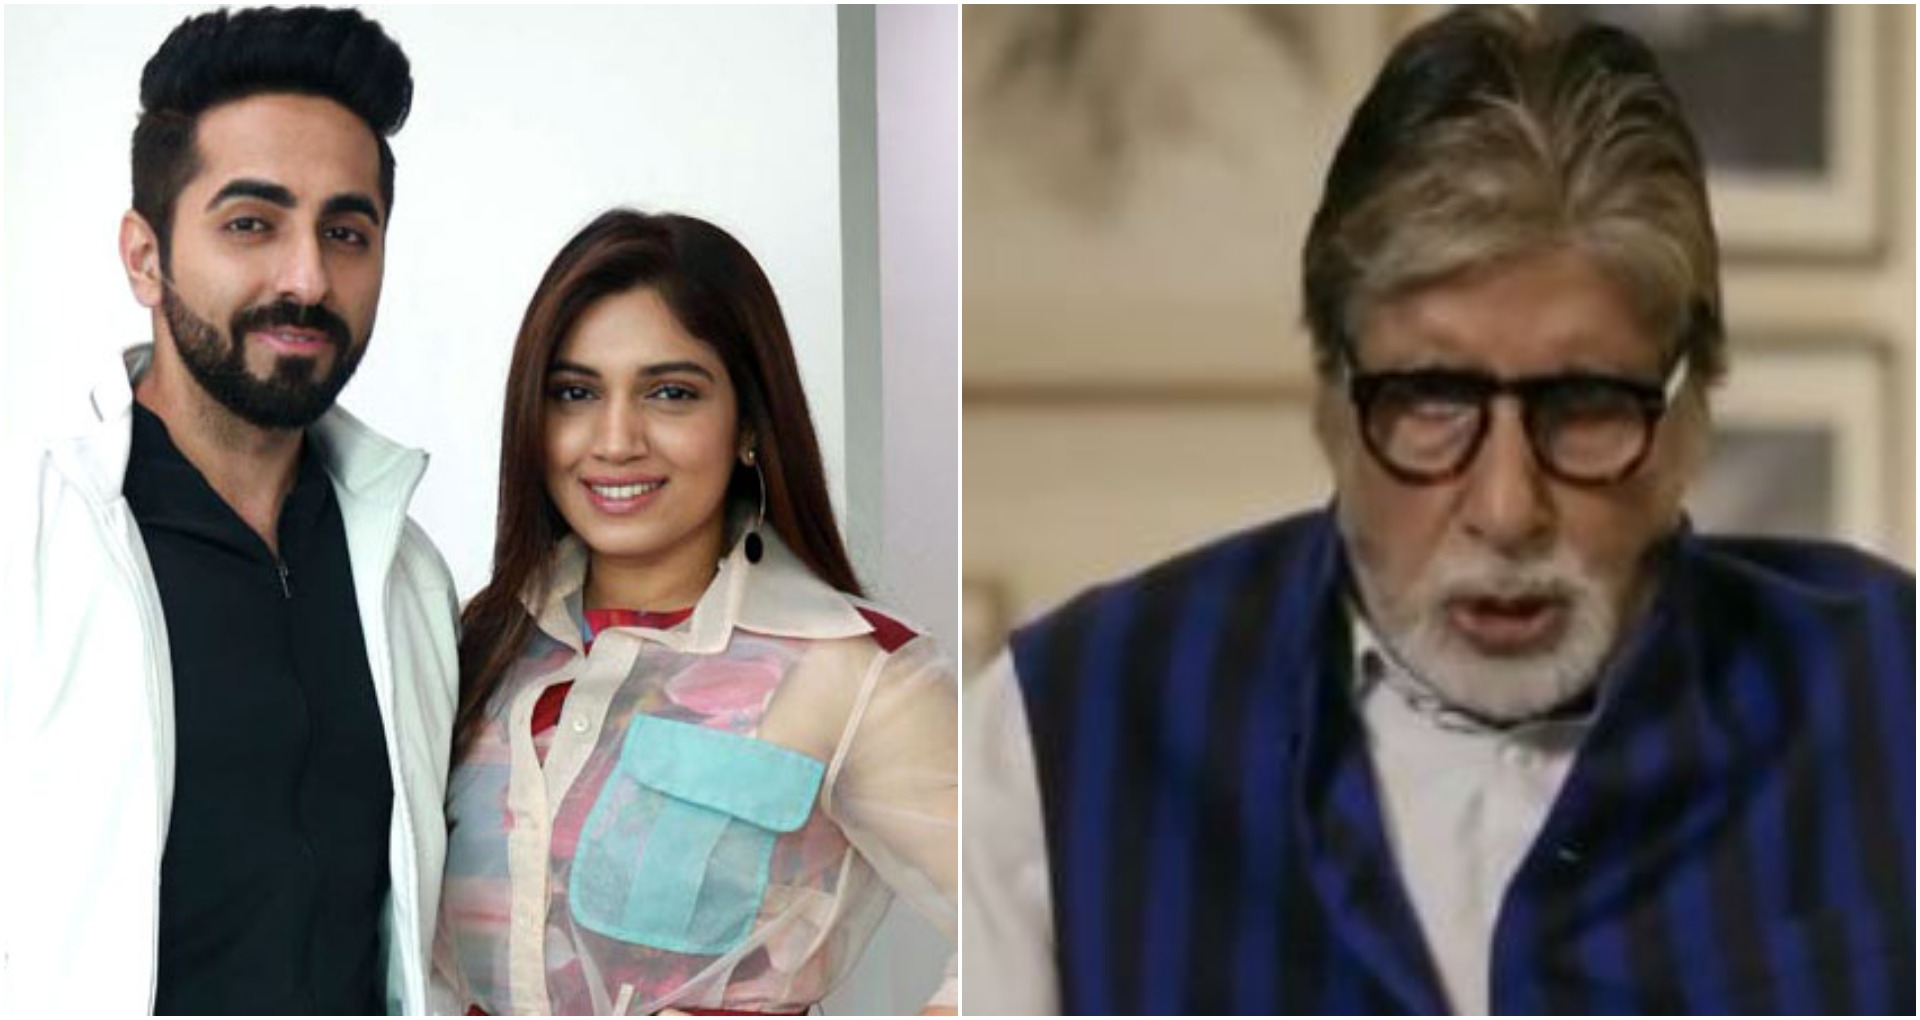 अमिताभ बच्चन ने 7 सेलेब्स को दिया मजेदार चैलेंज, भूमि और आयुष्मान ने दिया ये रिएक्शन